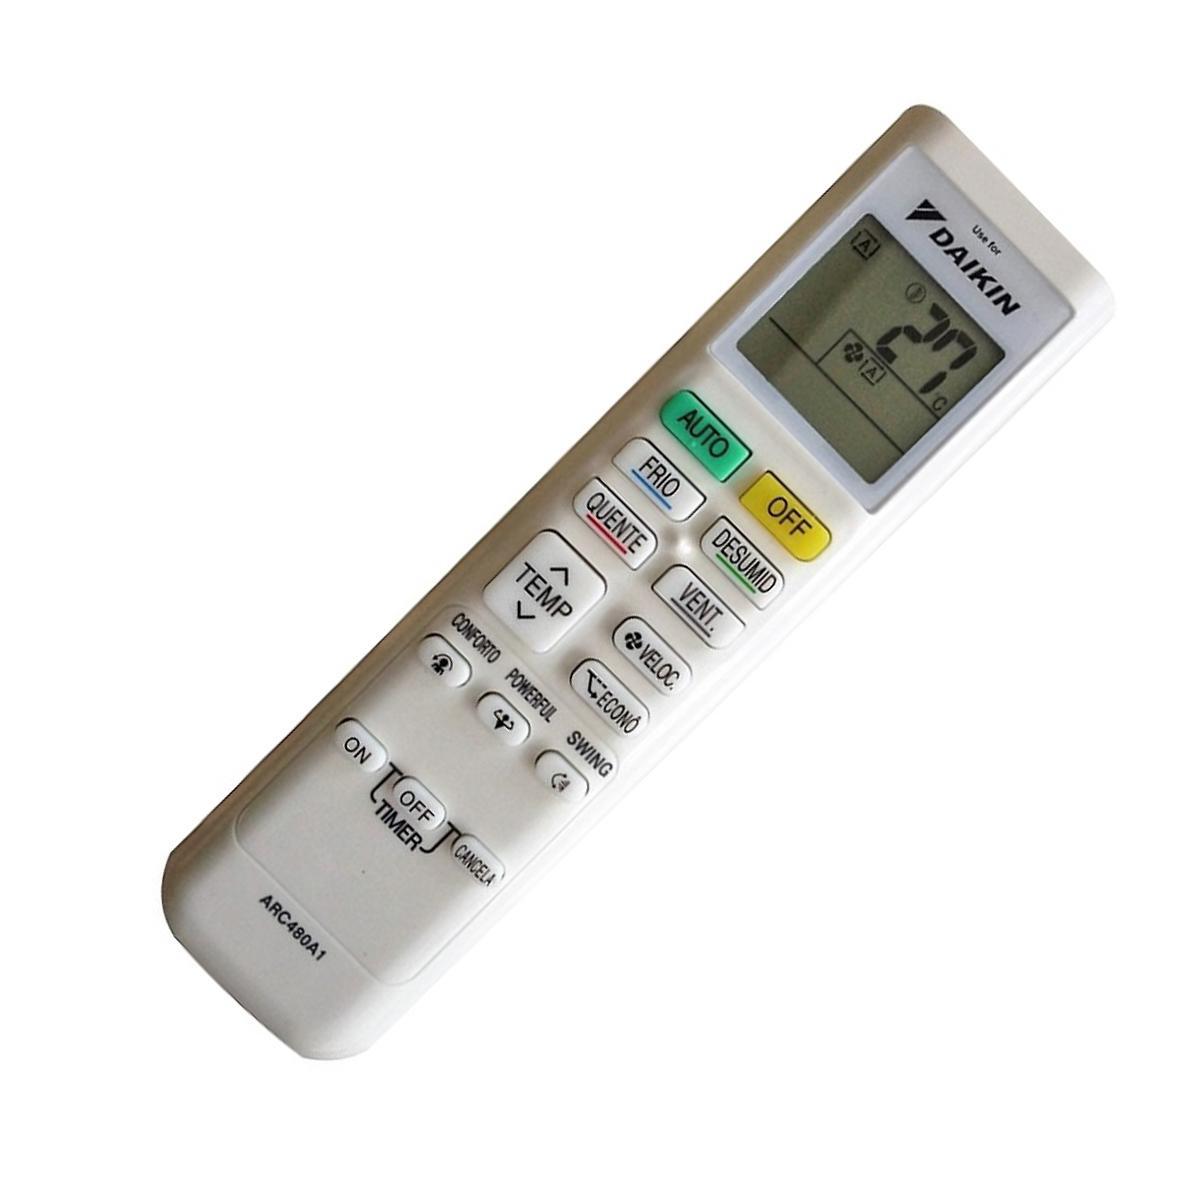 Bảng giá Remote điều khiển Máy Lạnh, Máy Điều Hòa DAIKIN FTKC25QVMV, FTKC35QVMV, FTKC50RVMV, ARC480A1ARC480A1, ARC480A2, ARC480A3, ARC480A20, ARC480A21 Điện máy Pico